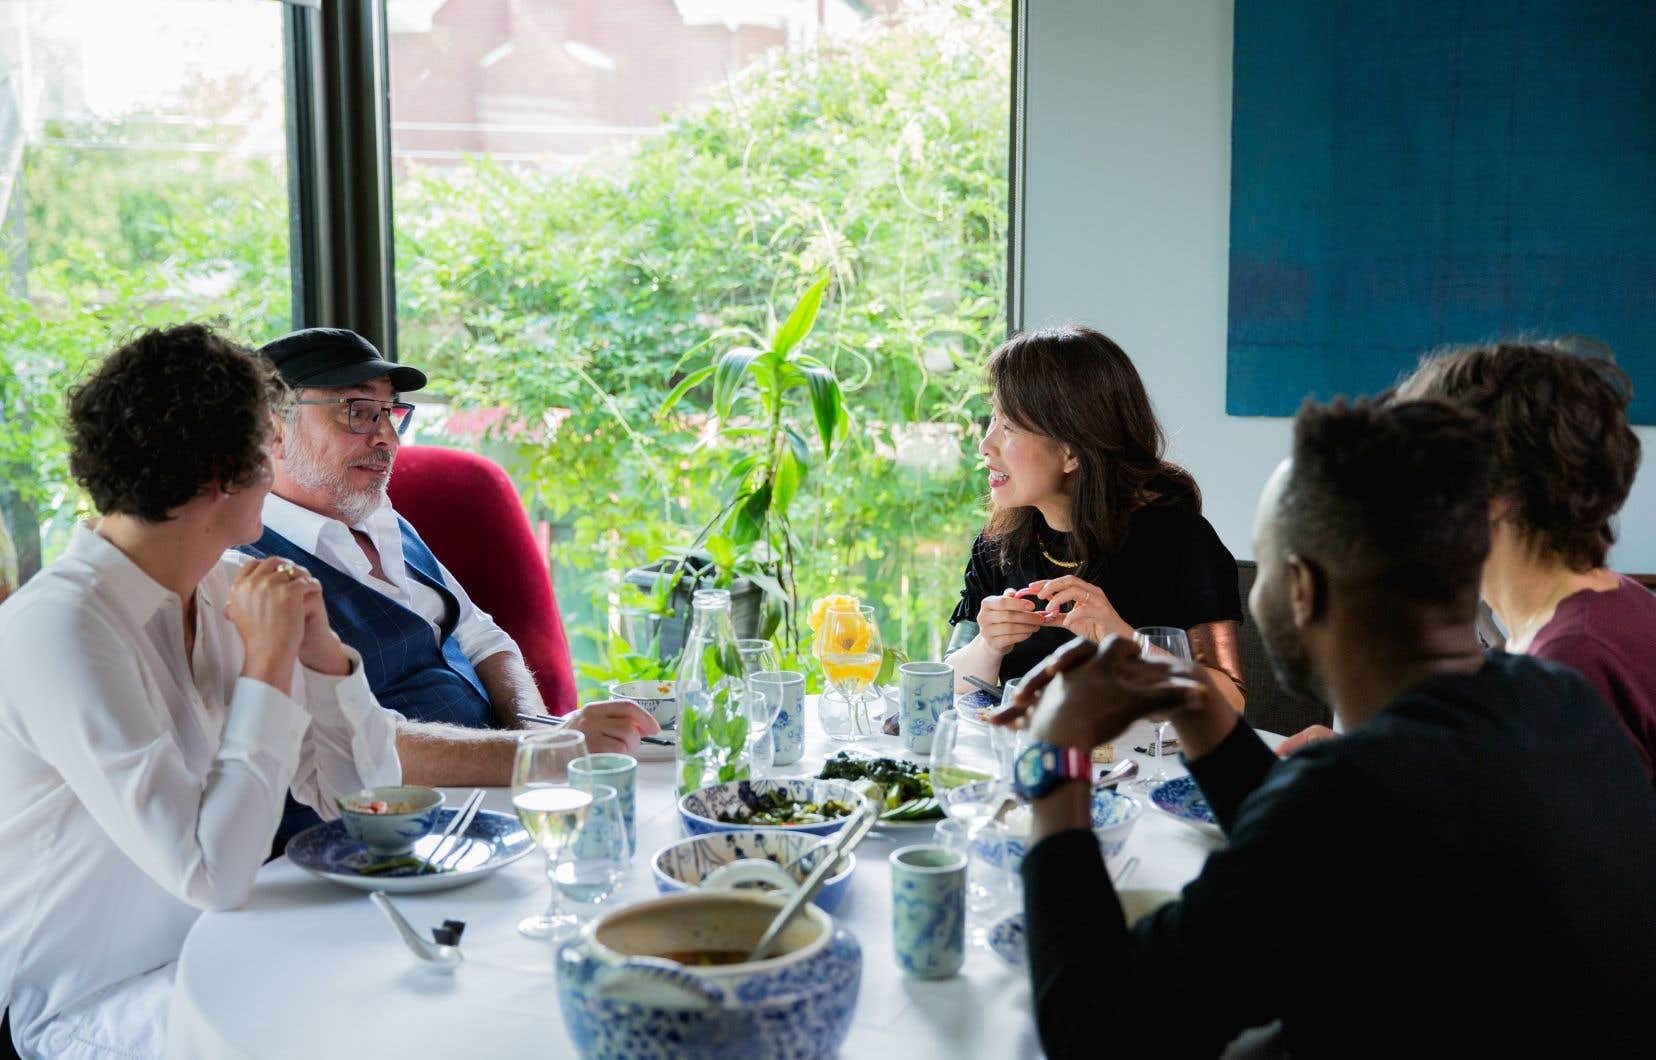 «À la table de Kim» nous présente, entre autres, le joli jardin de l'écrivaine. La balançoire de son garçon. La poignée de la porte qui semble toujours ouverte. Car habituellement, la maîtresse de maison ne sait jamais combien de personnes vont se retrouver autour de sa table.